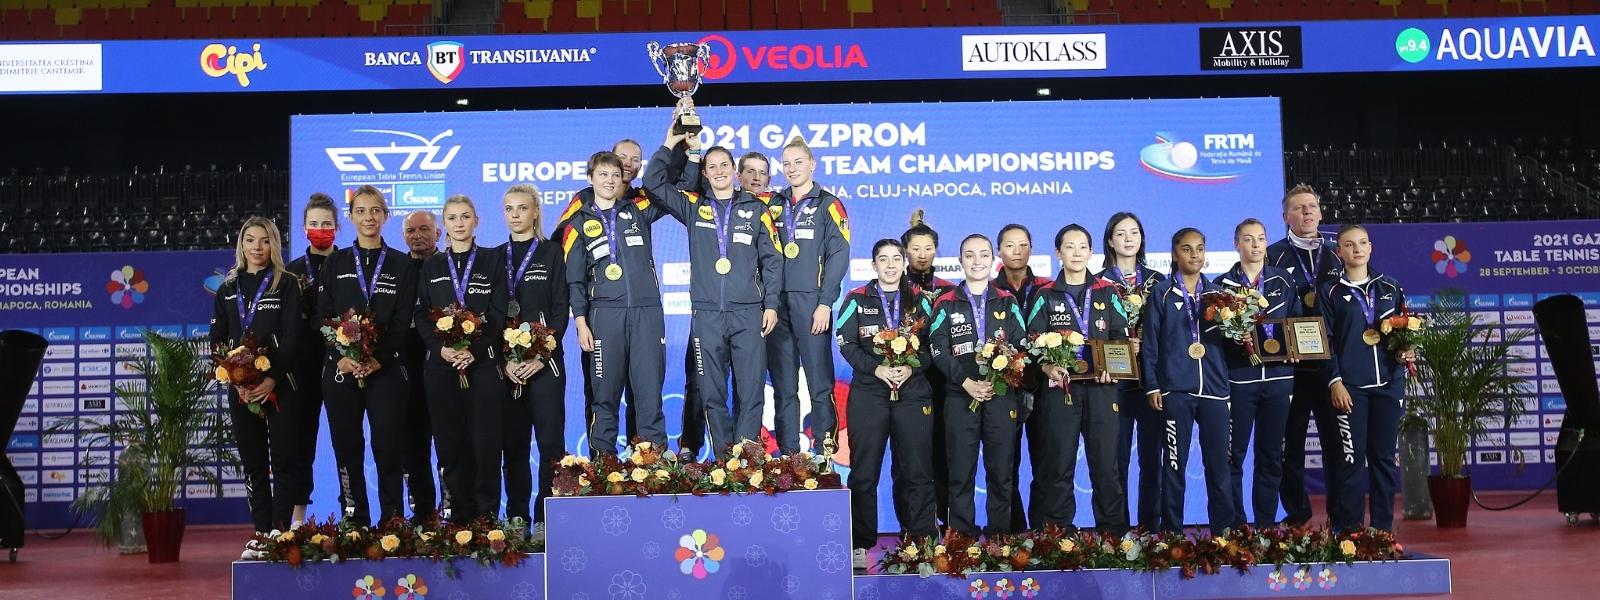 Portugal recebe medalha de bronze em Cluj